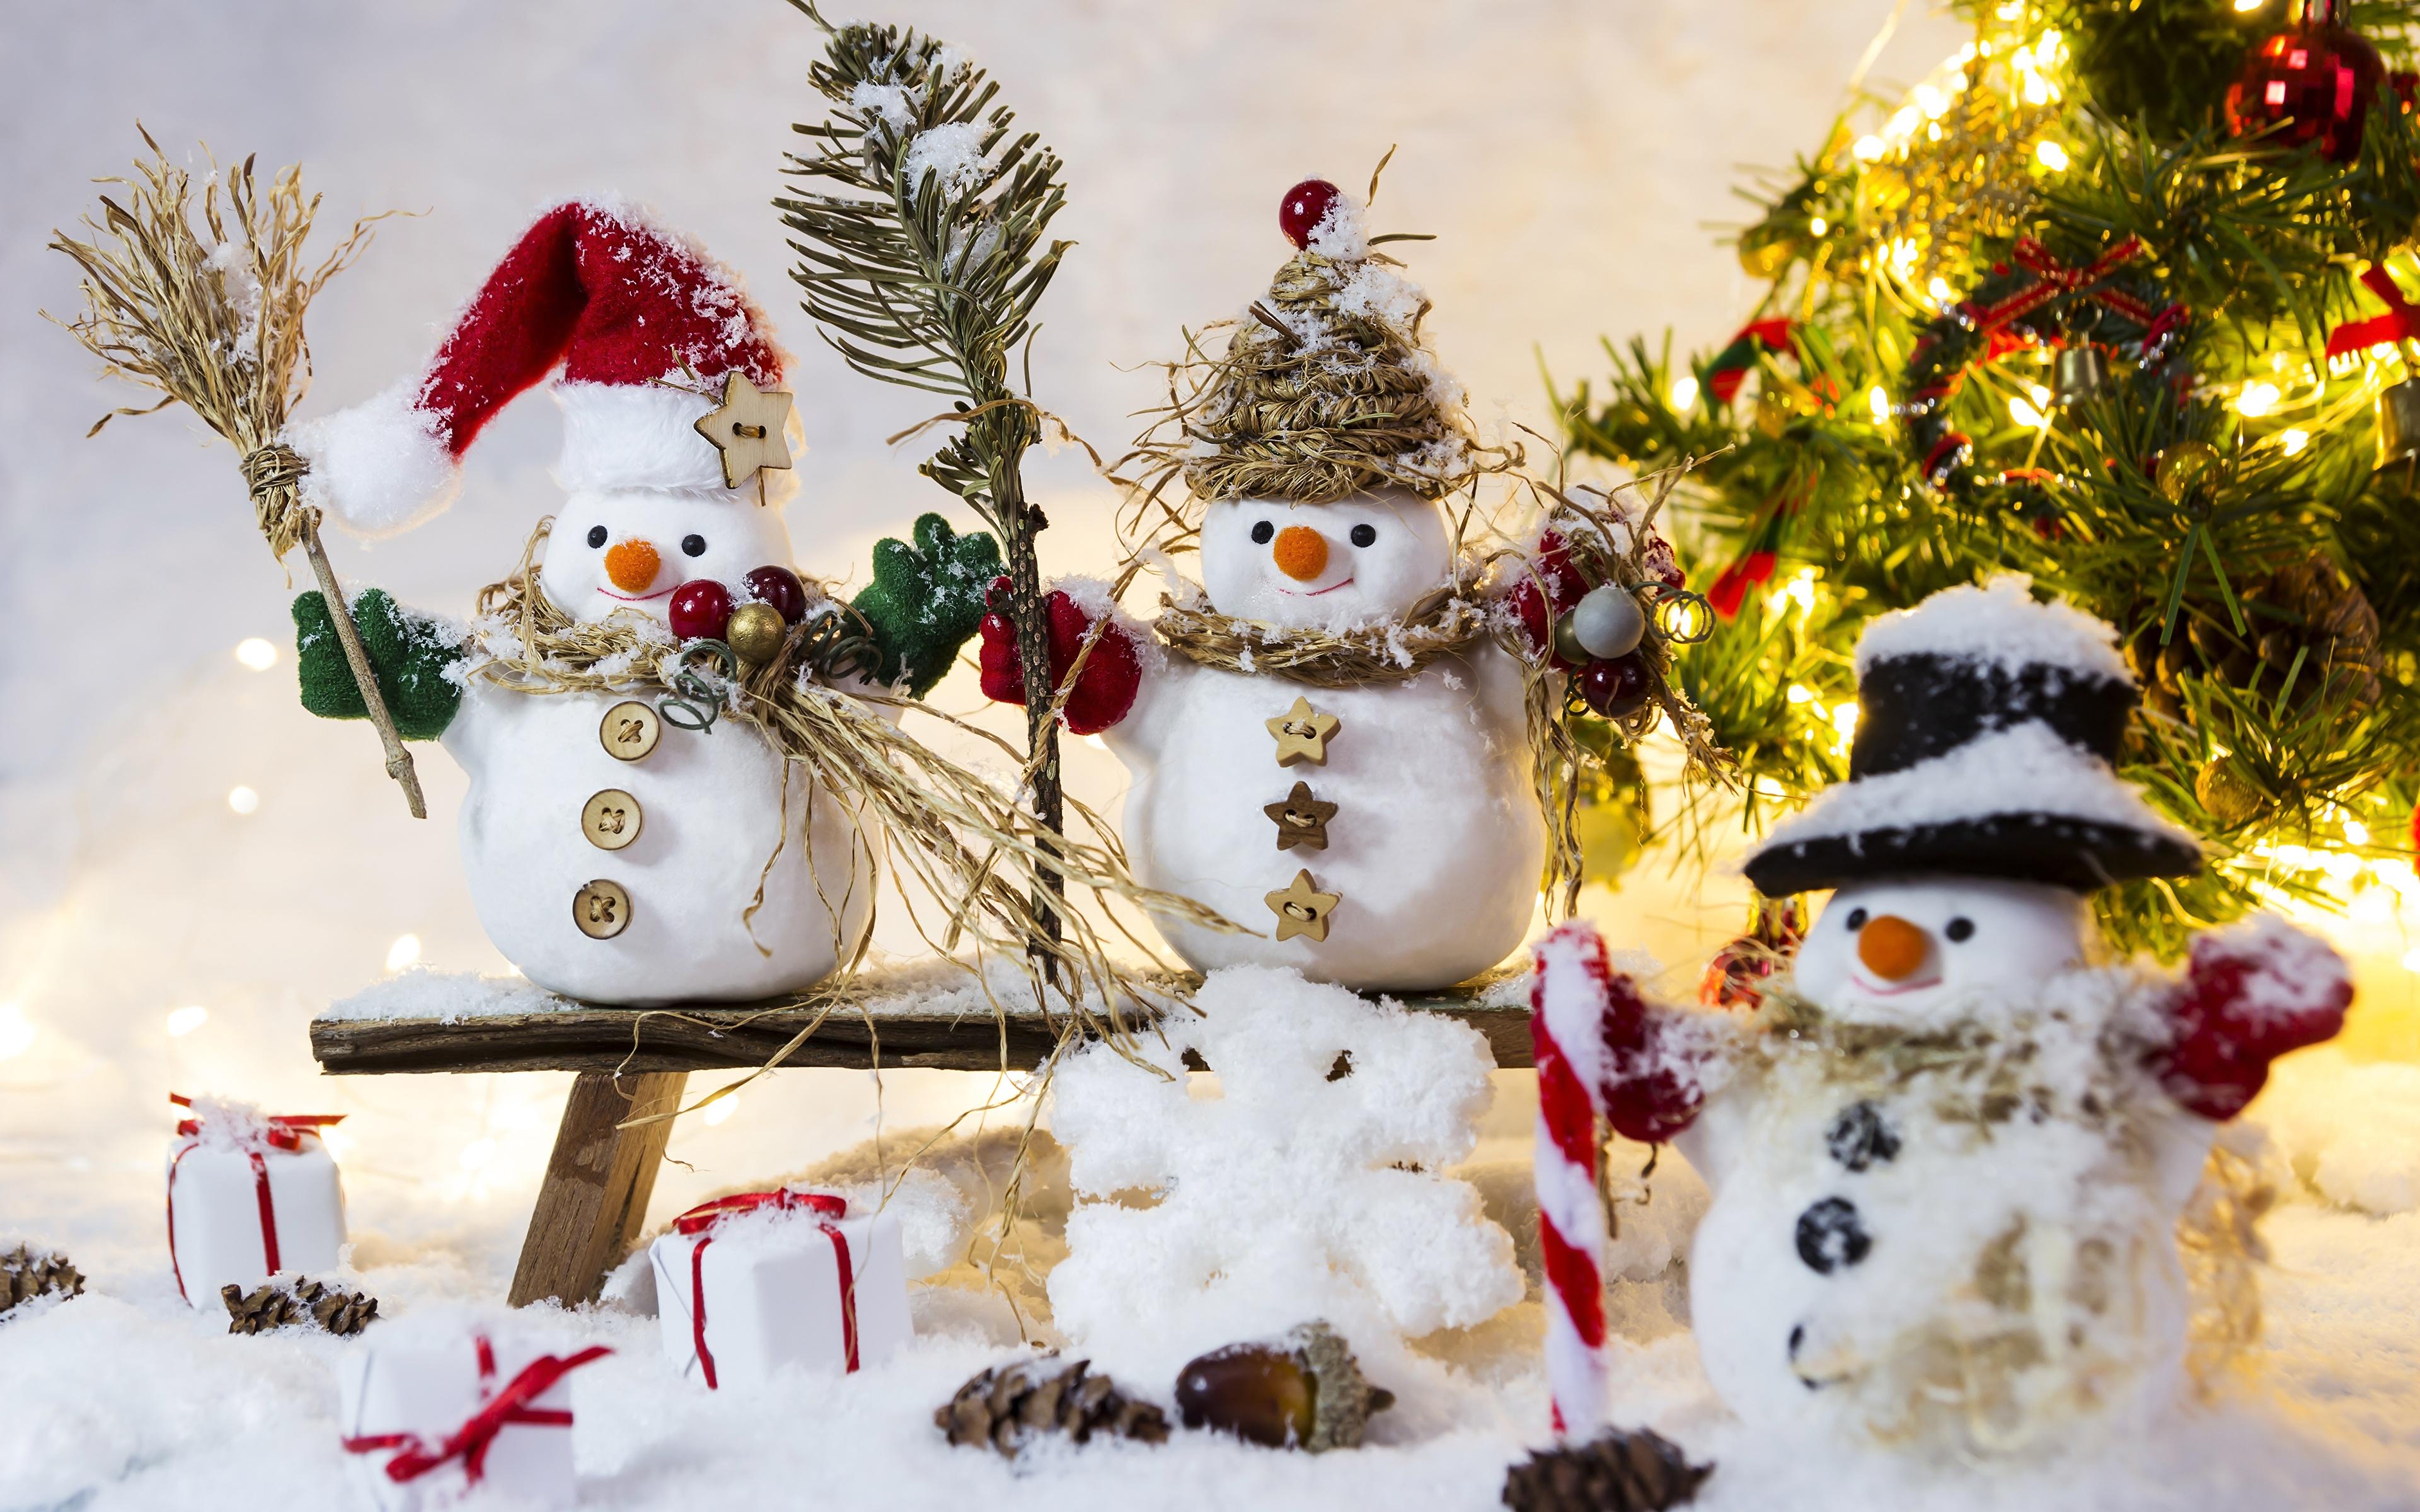 Обои для рабочего стола Шапки Снежинки снеге снеговика Трое 3 Скамейка 3840x2400 шапка в шапке снежинка Снег снегу снега снеговик Снеговики три втроем Скамья